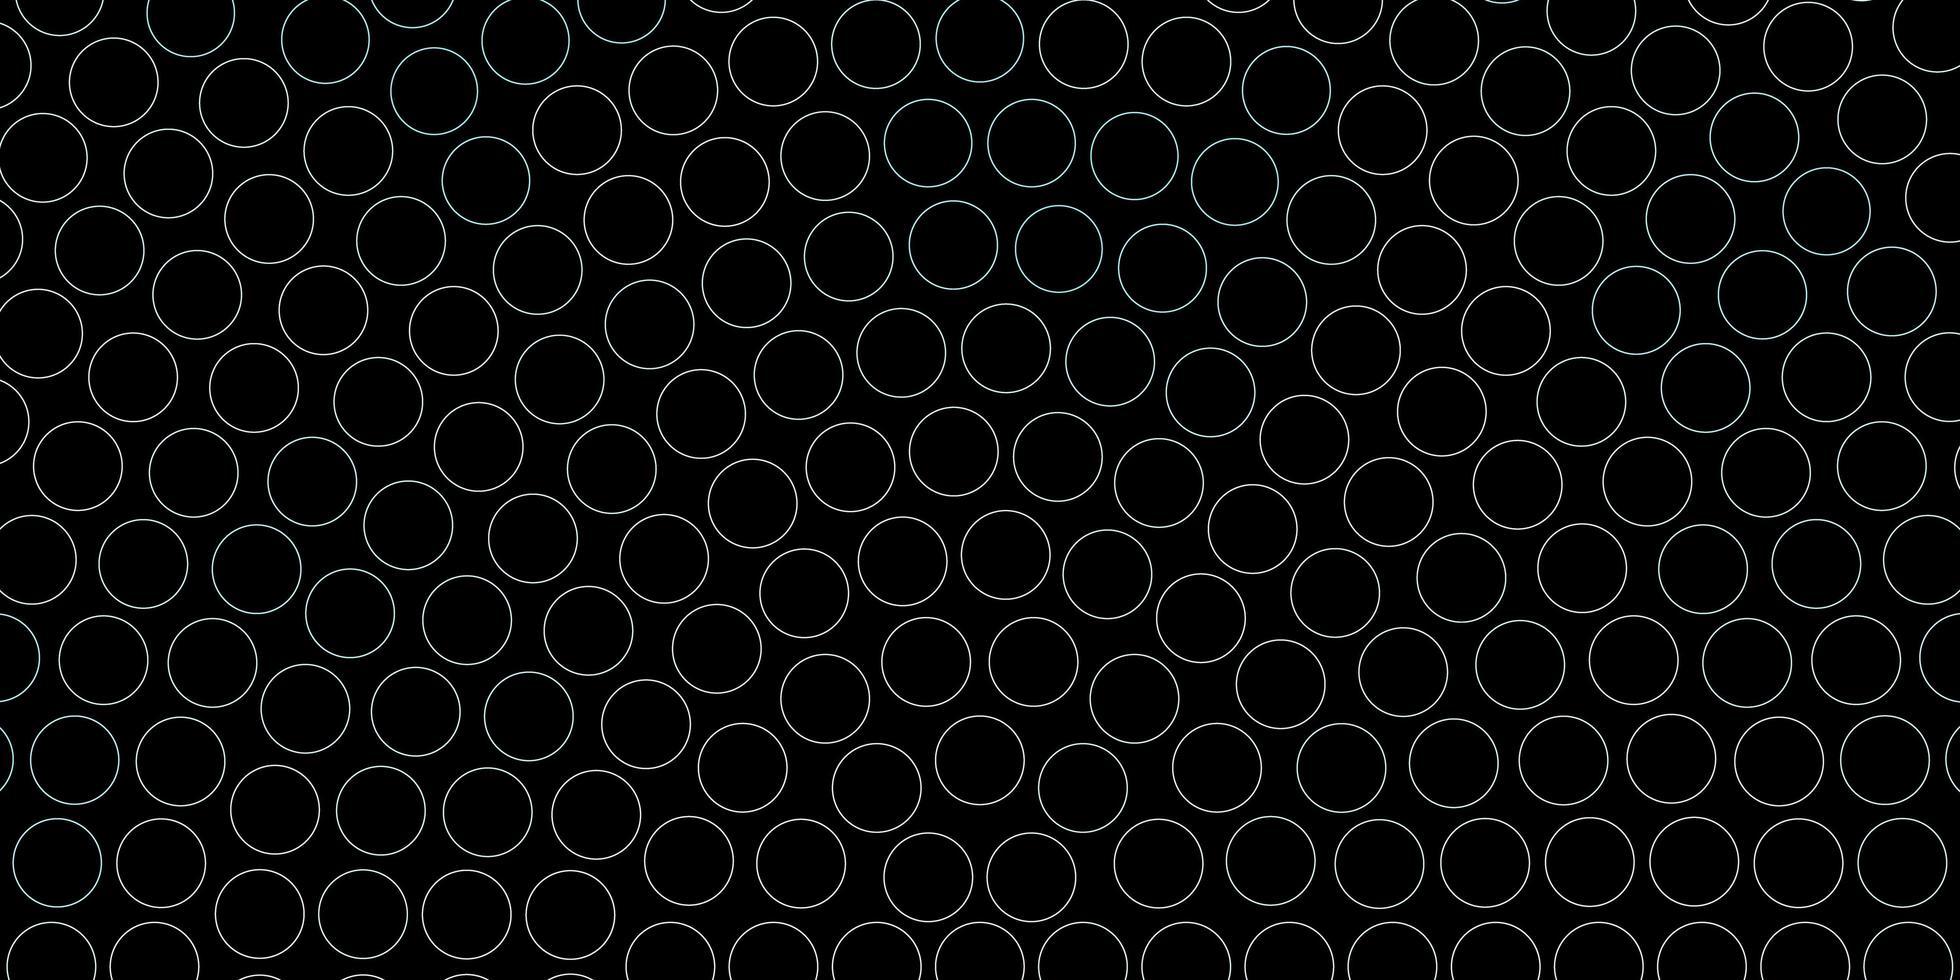 blauw geschetst cirkelspatroon. vector